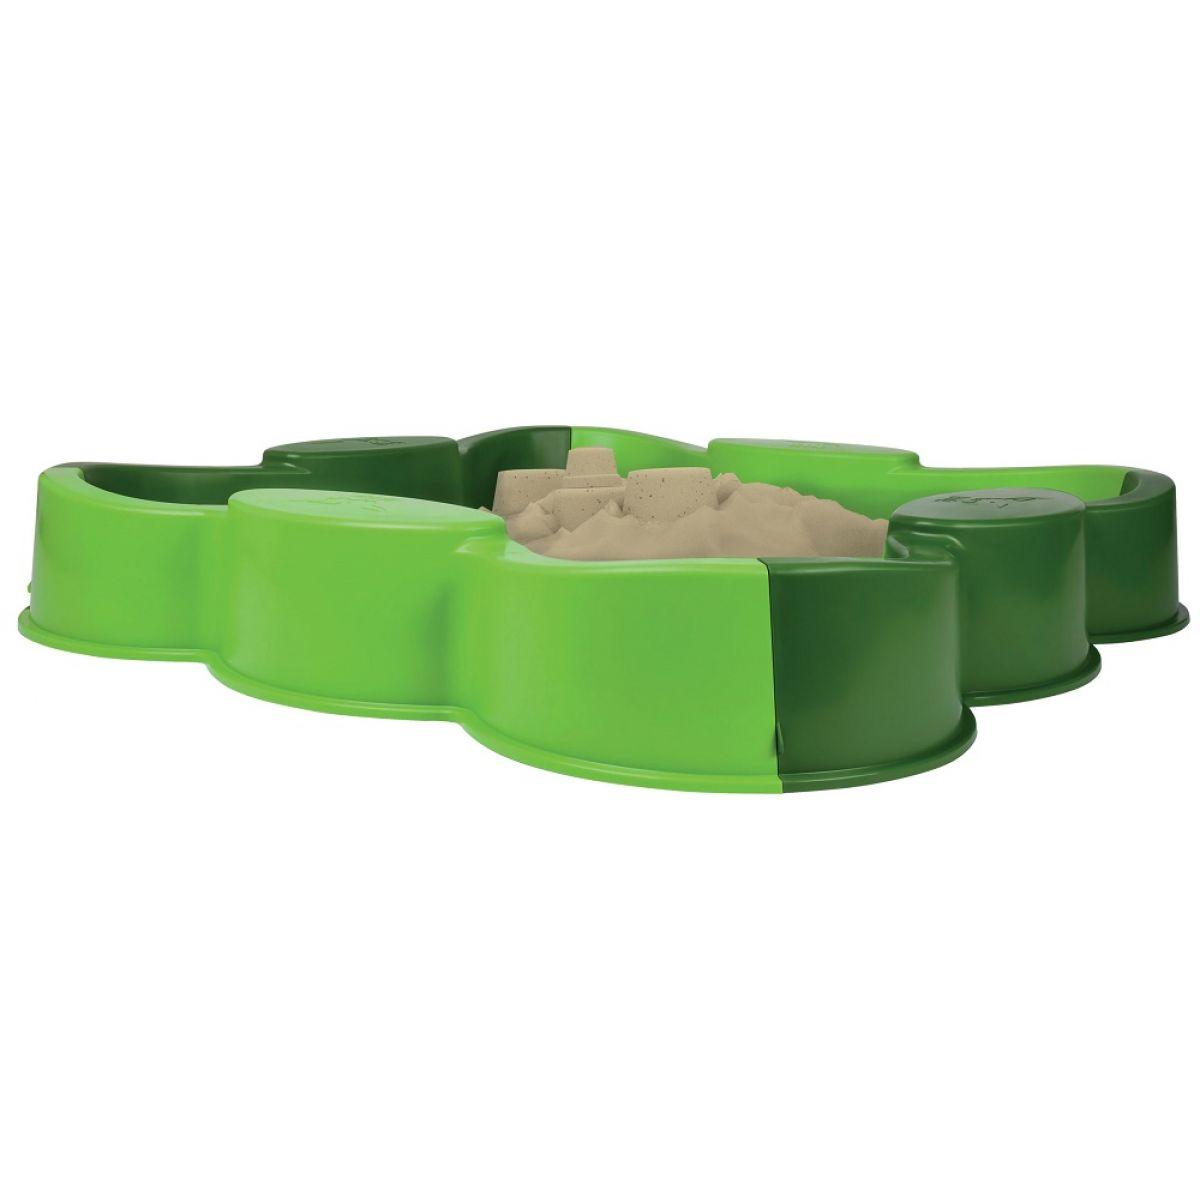 BIG 56721 pieskovisko VARIO štvorlístok zelené bez krytu